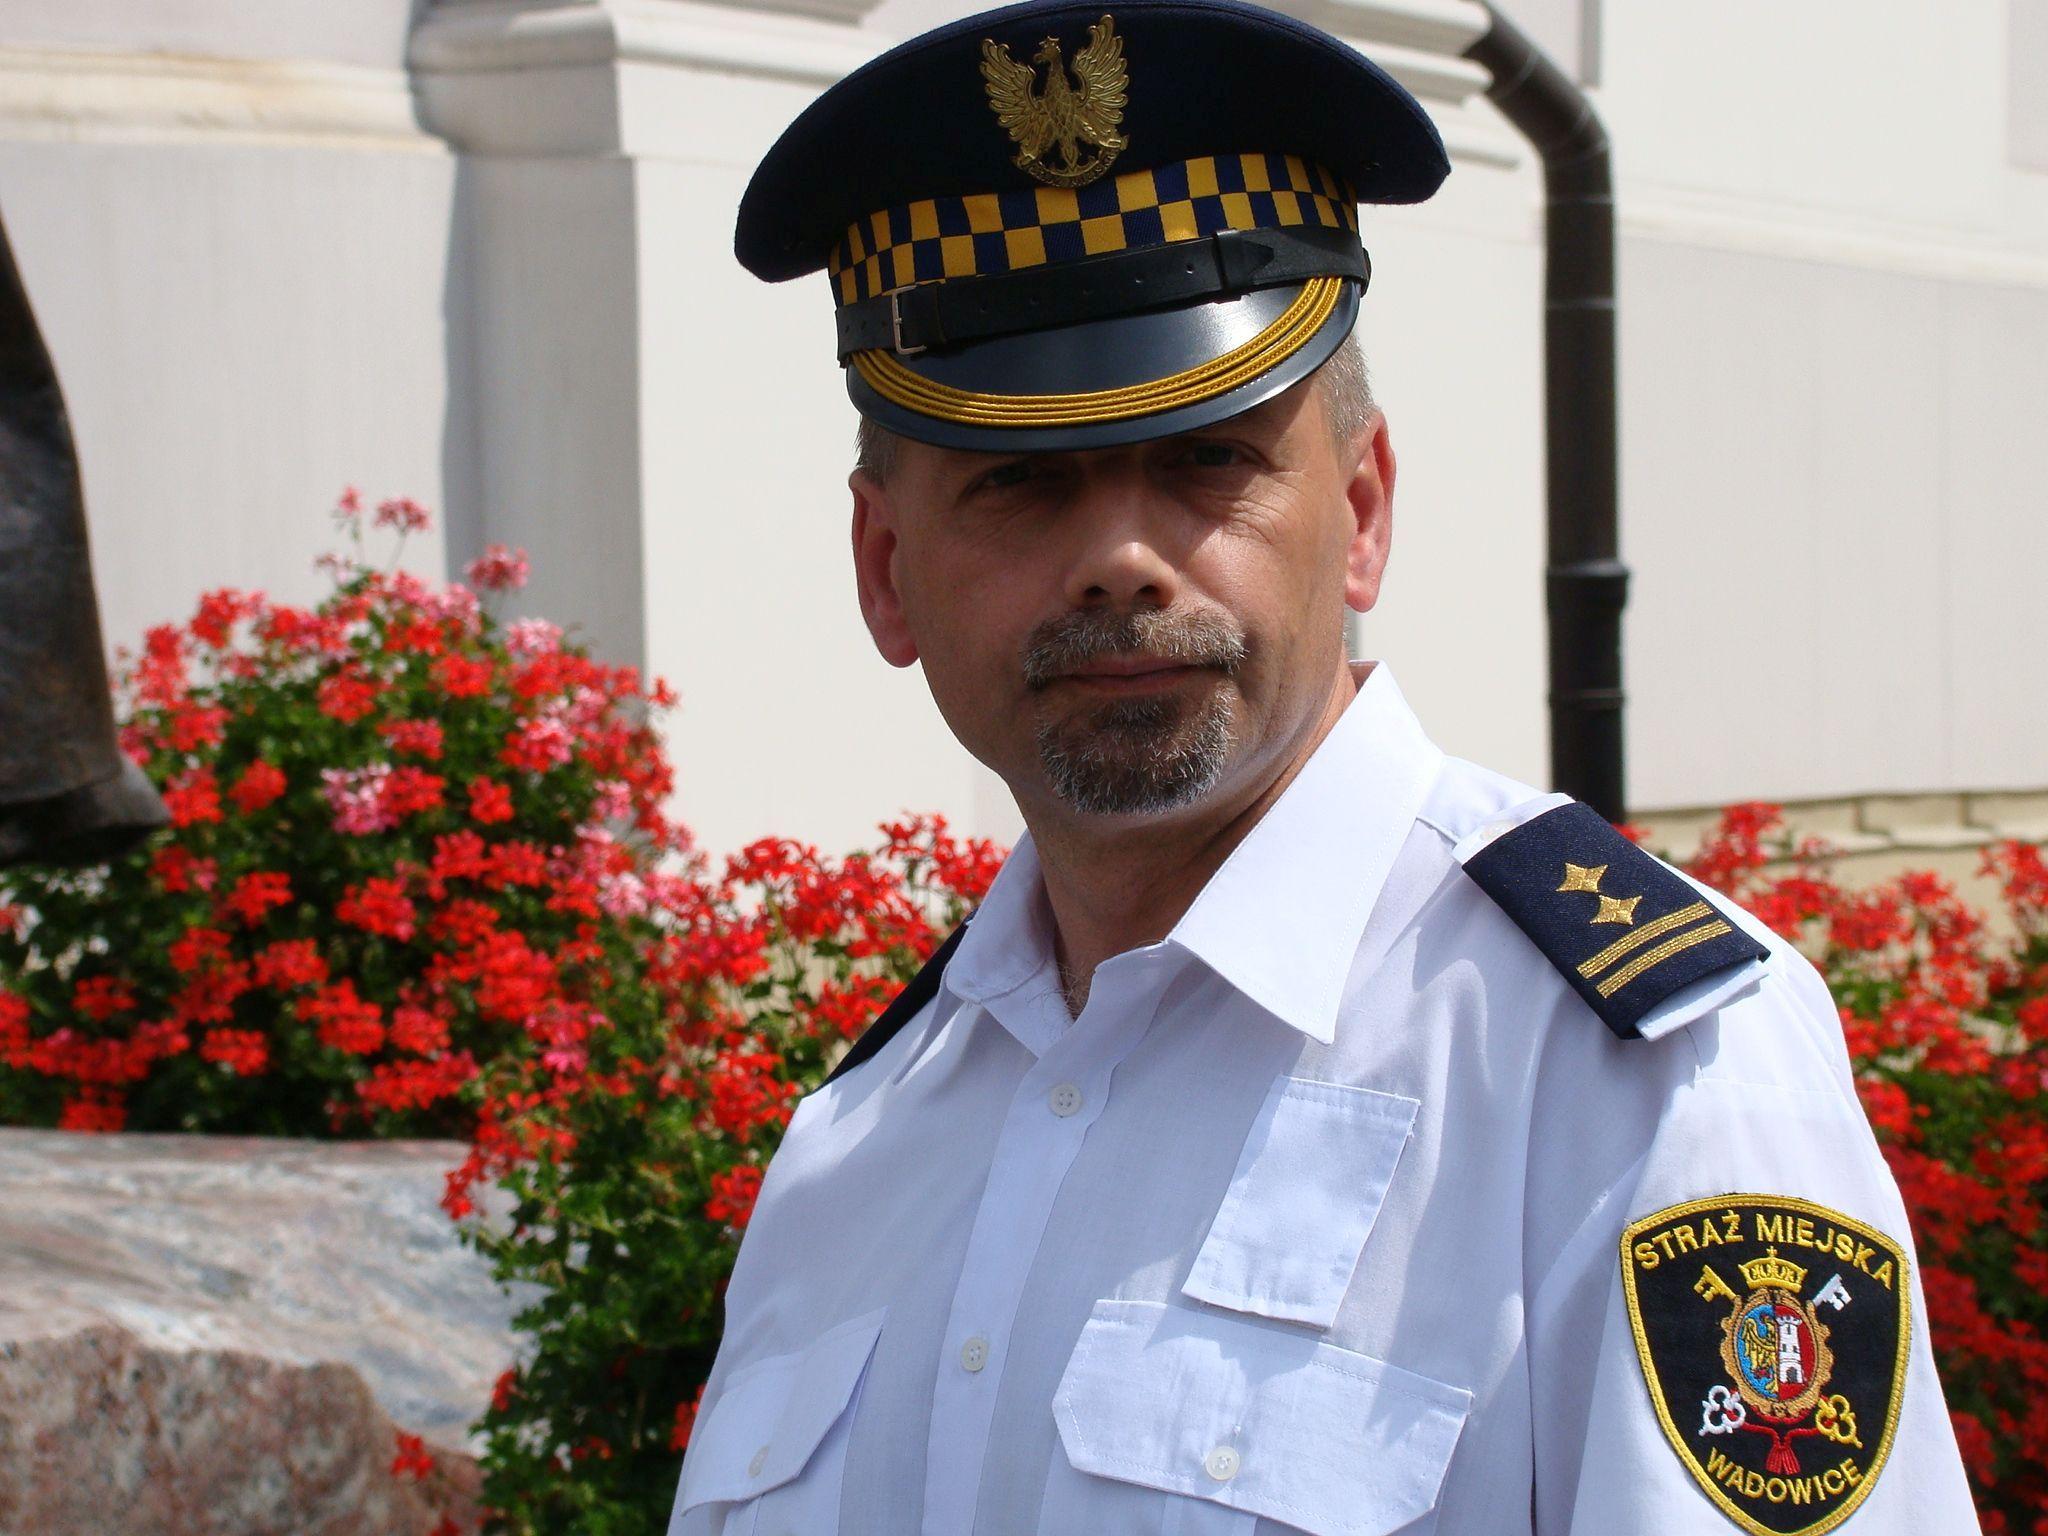 Szef strażników miejskich stracił posadę